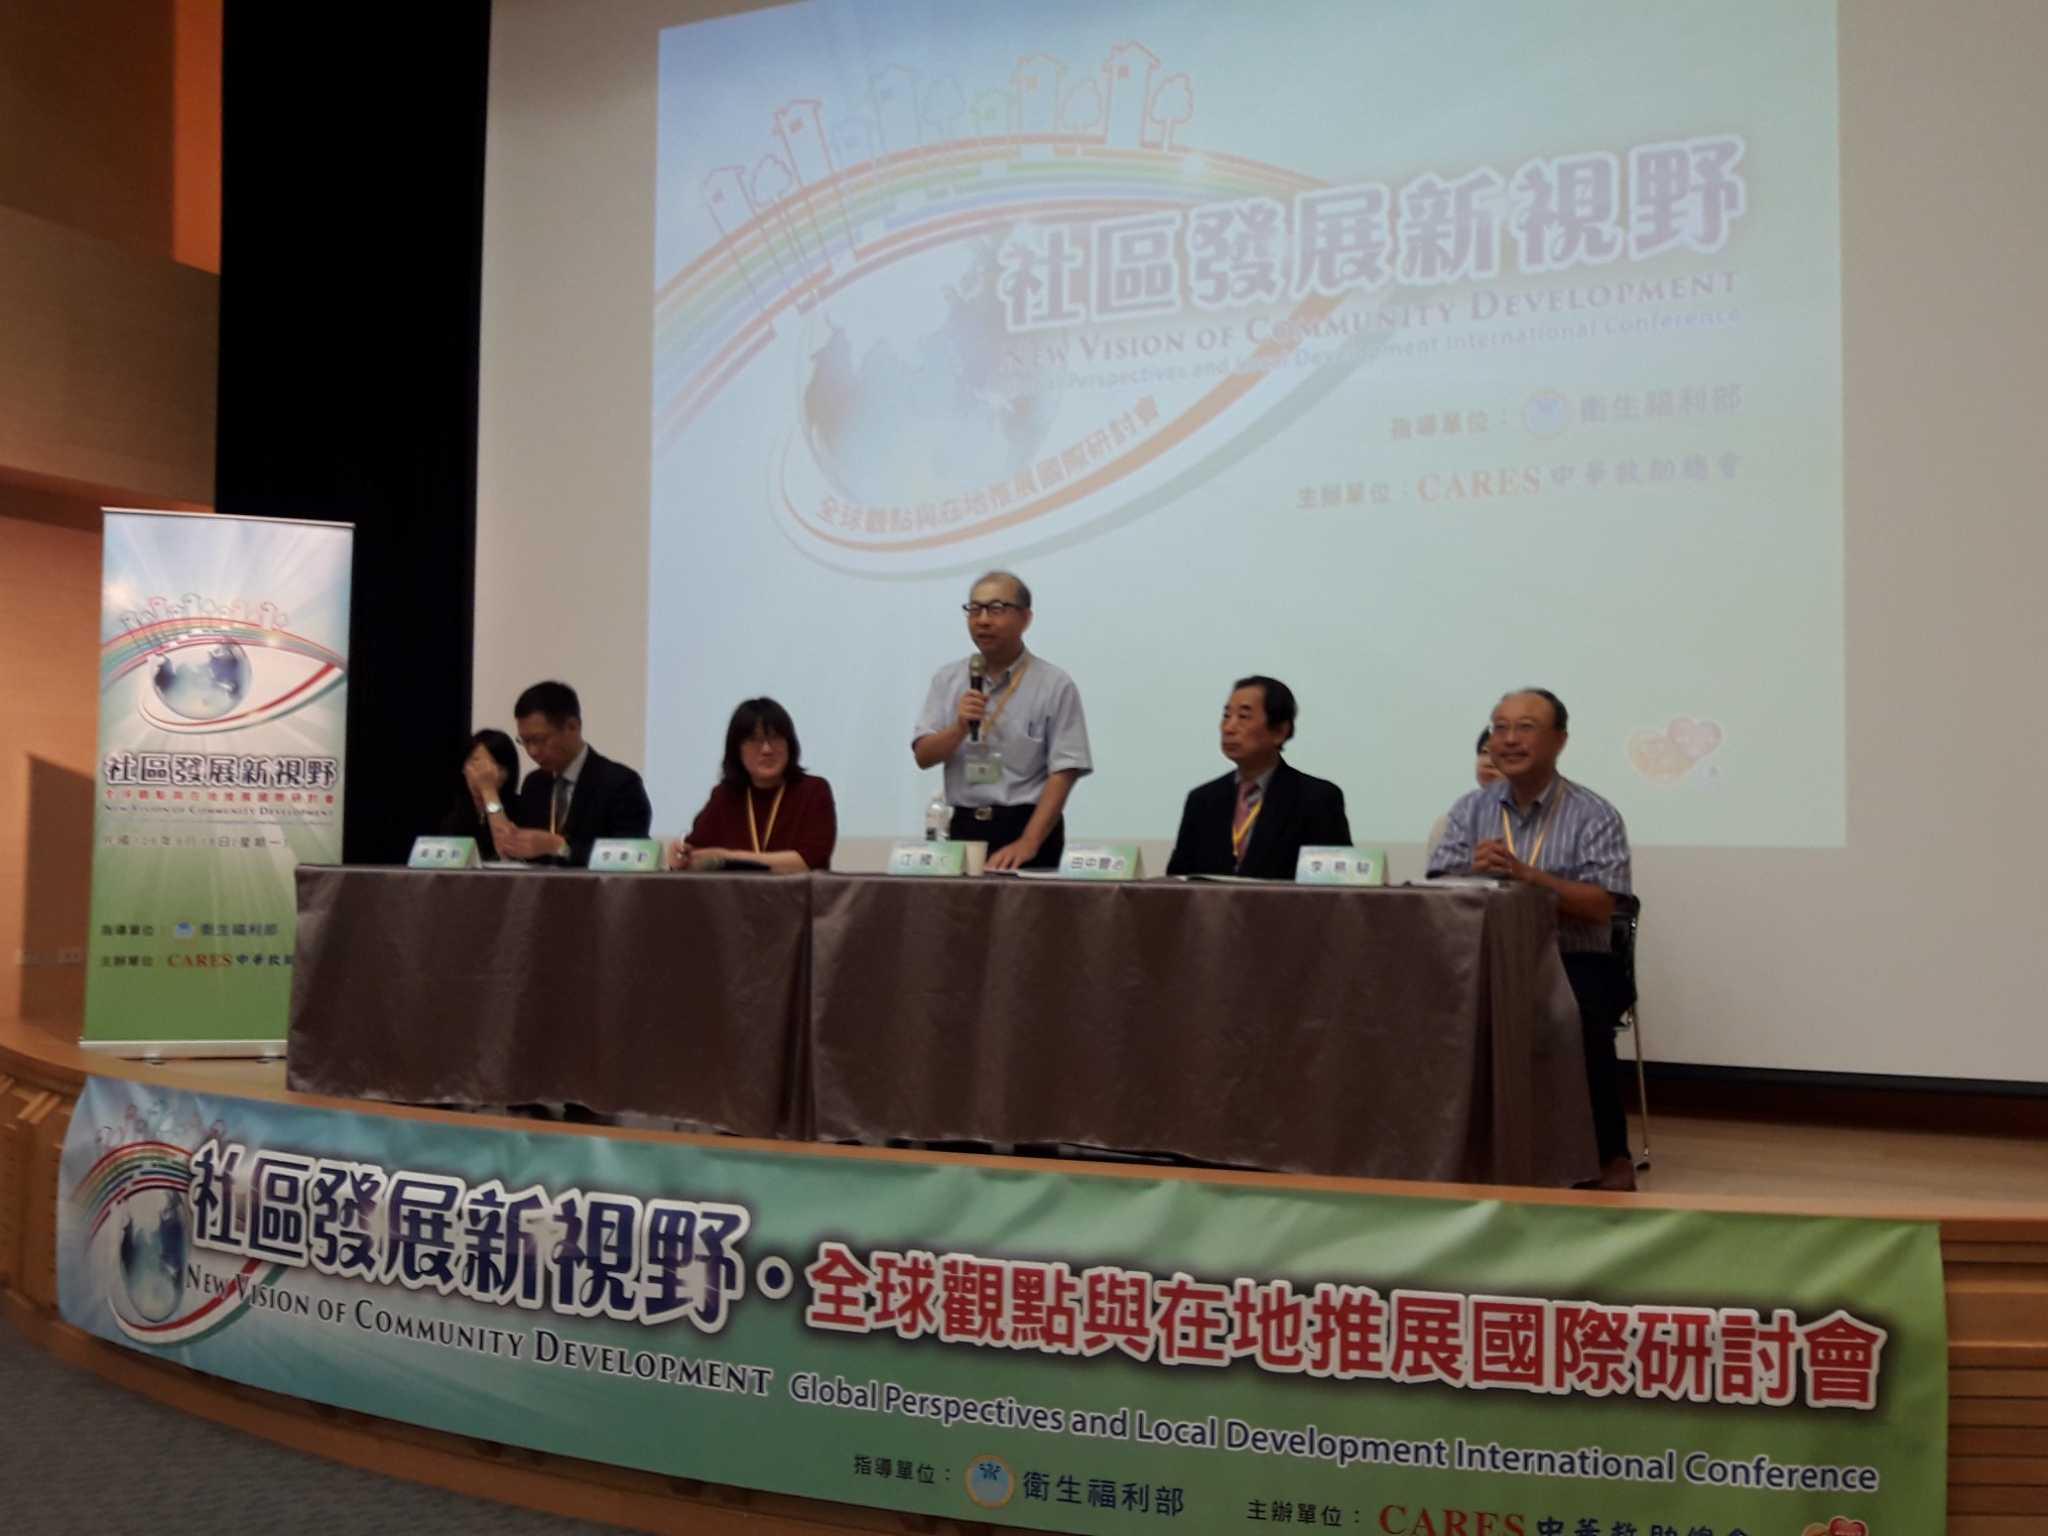 衛生福利部社會救助及社工司江國仁副司長(右3)主持綜合座談,討論社區發展未來願景。(106.09.18)